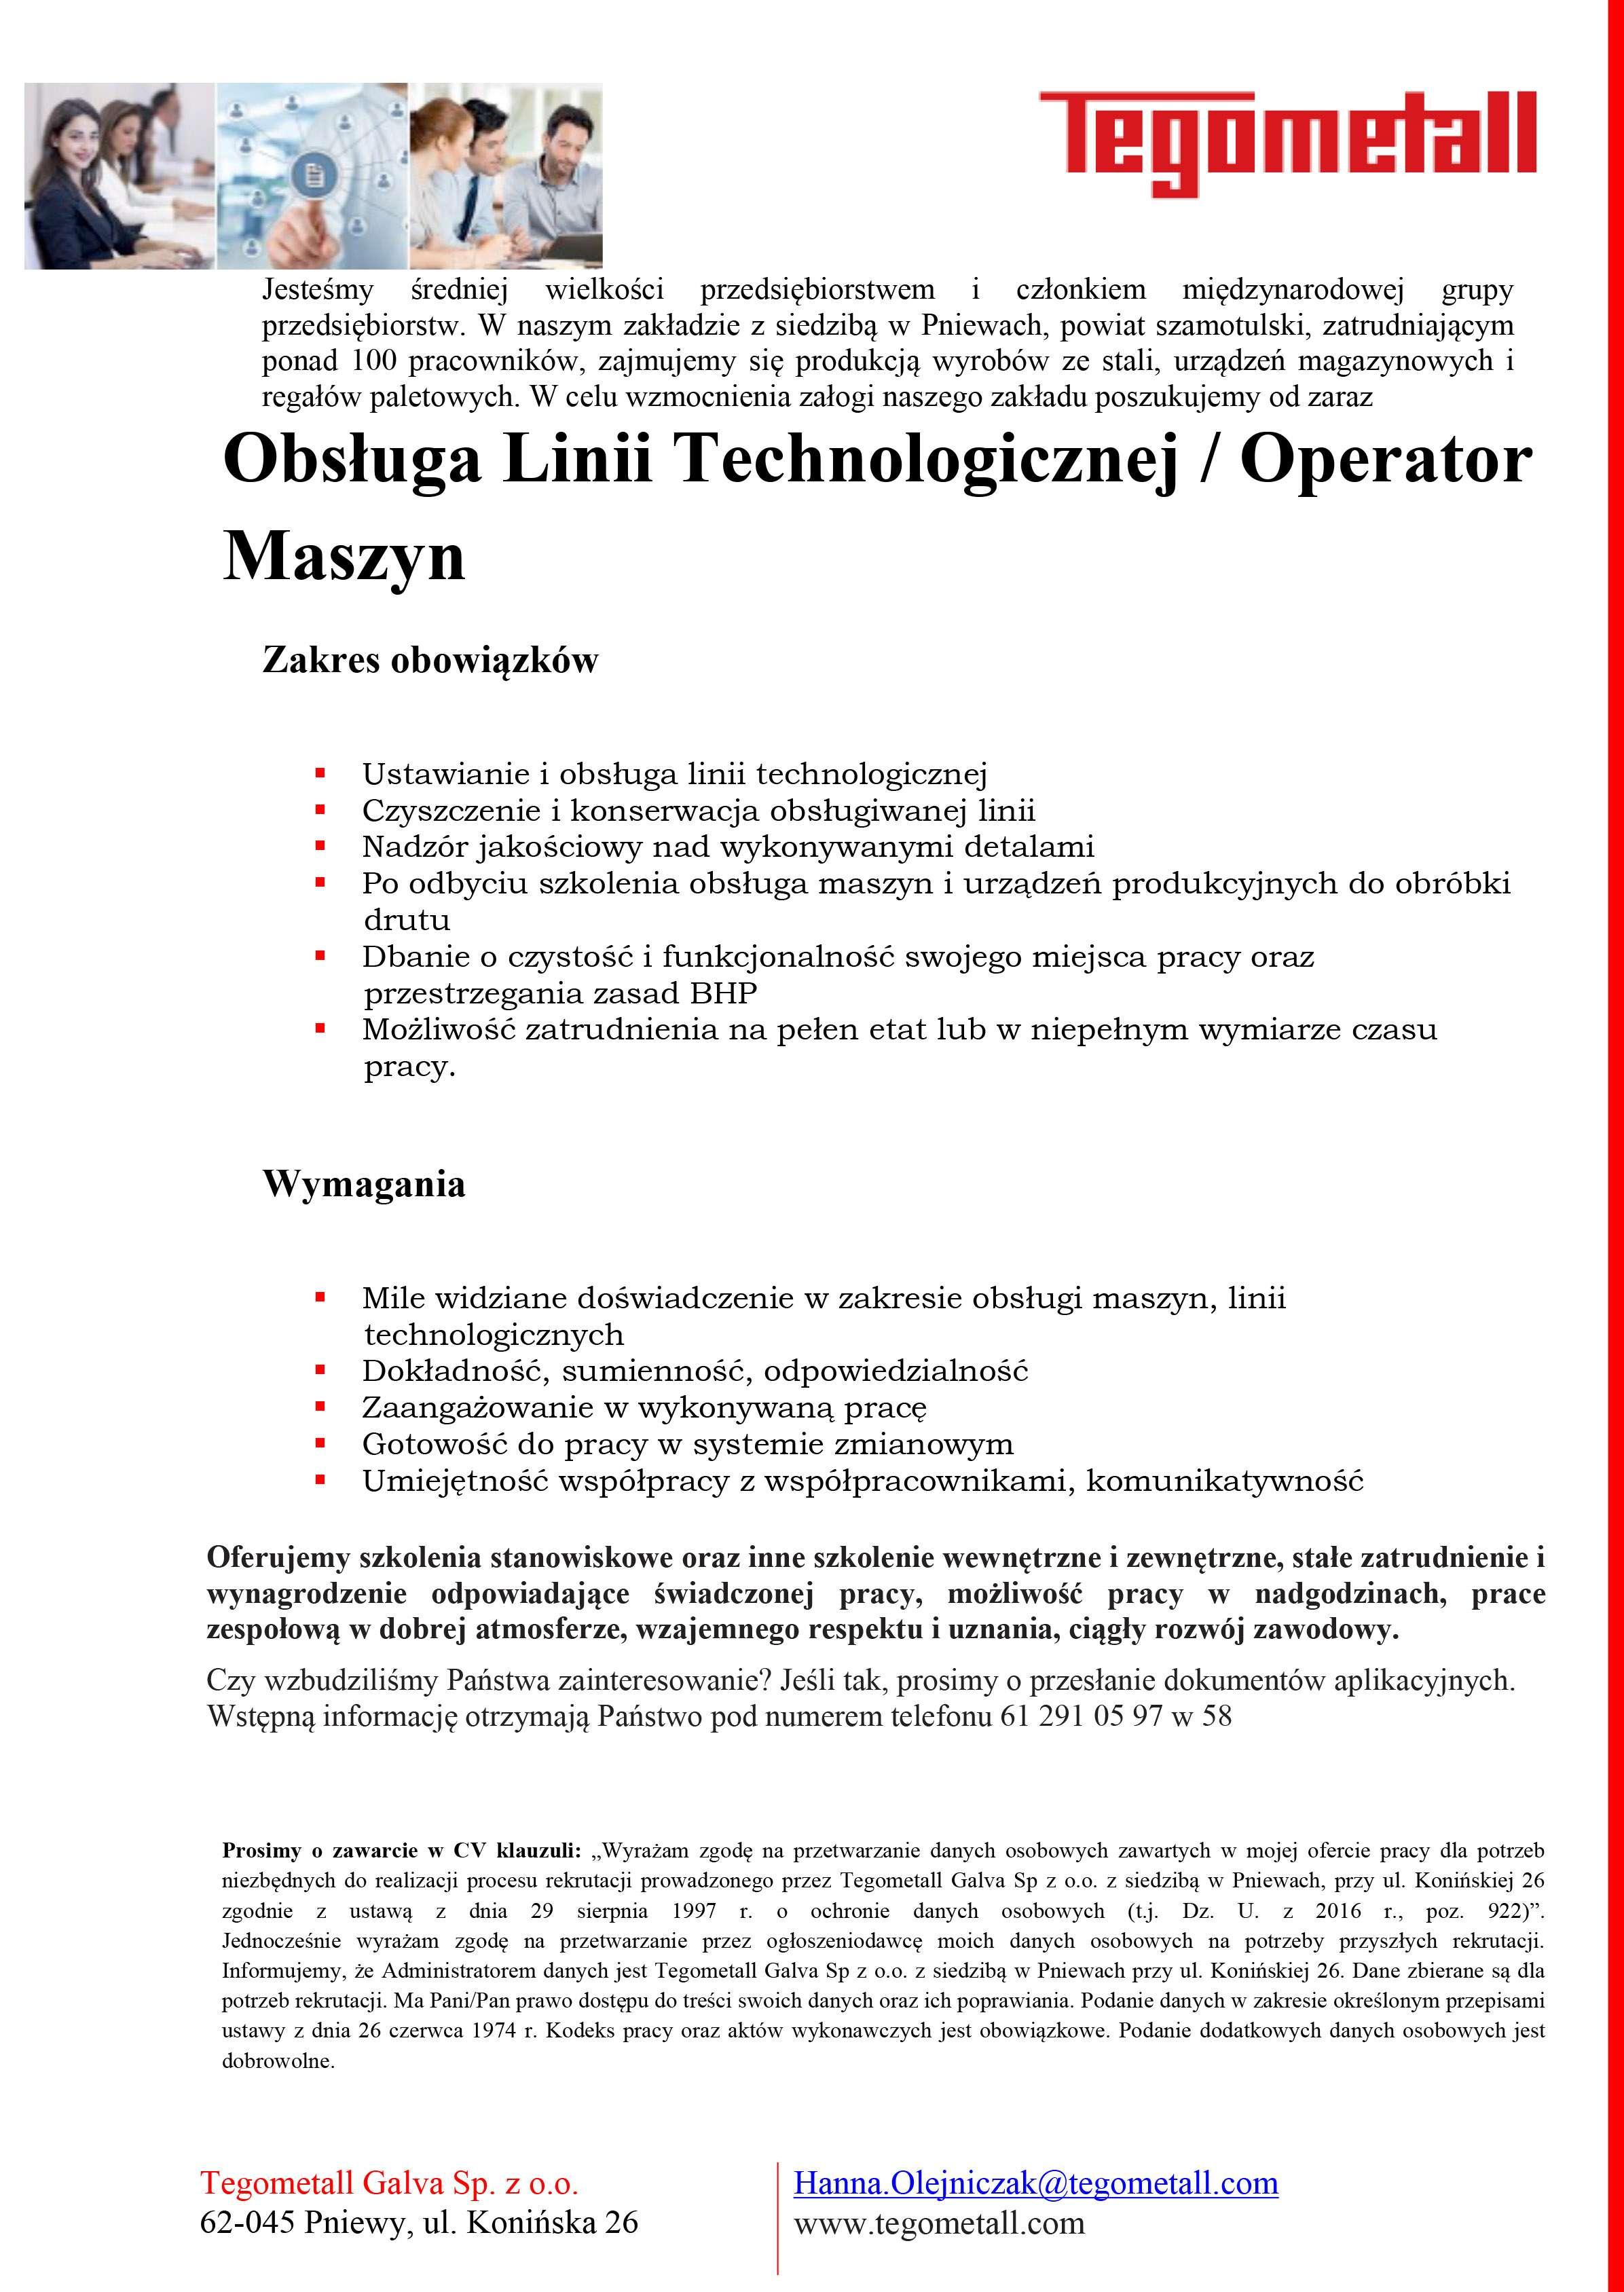 Praca wTegometall – obsługa linii technologicznej / operator maszyn